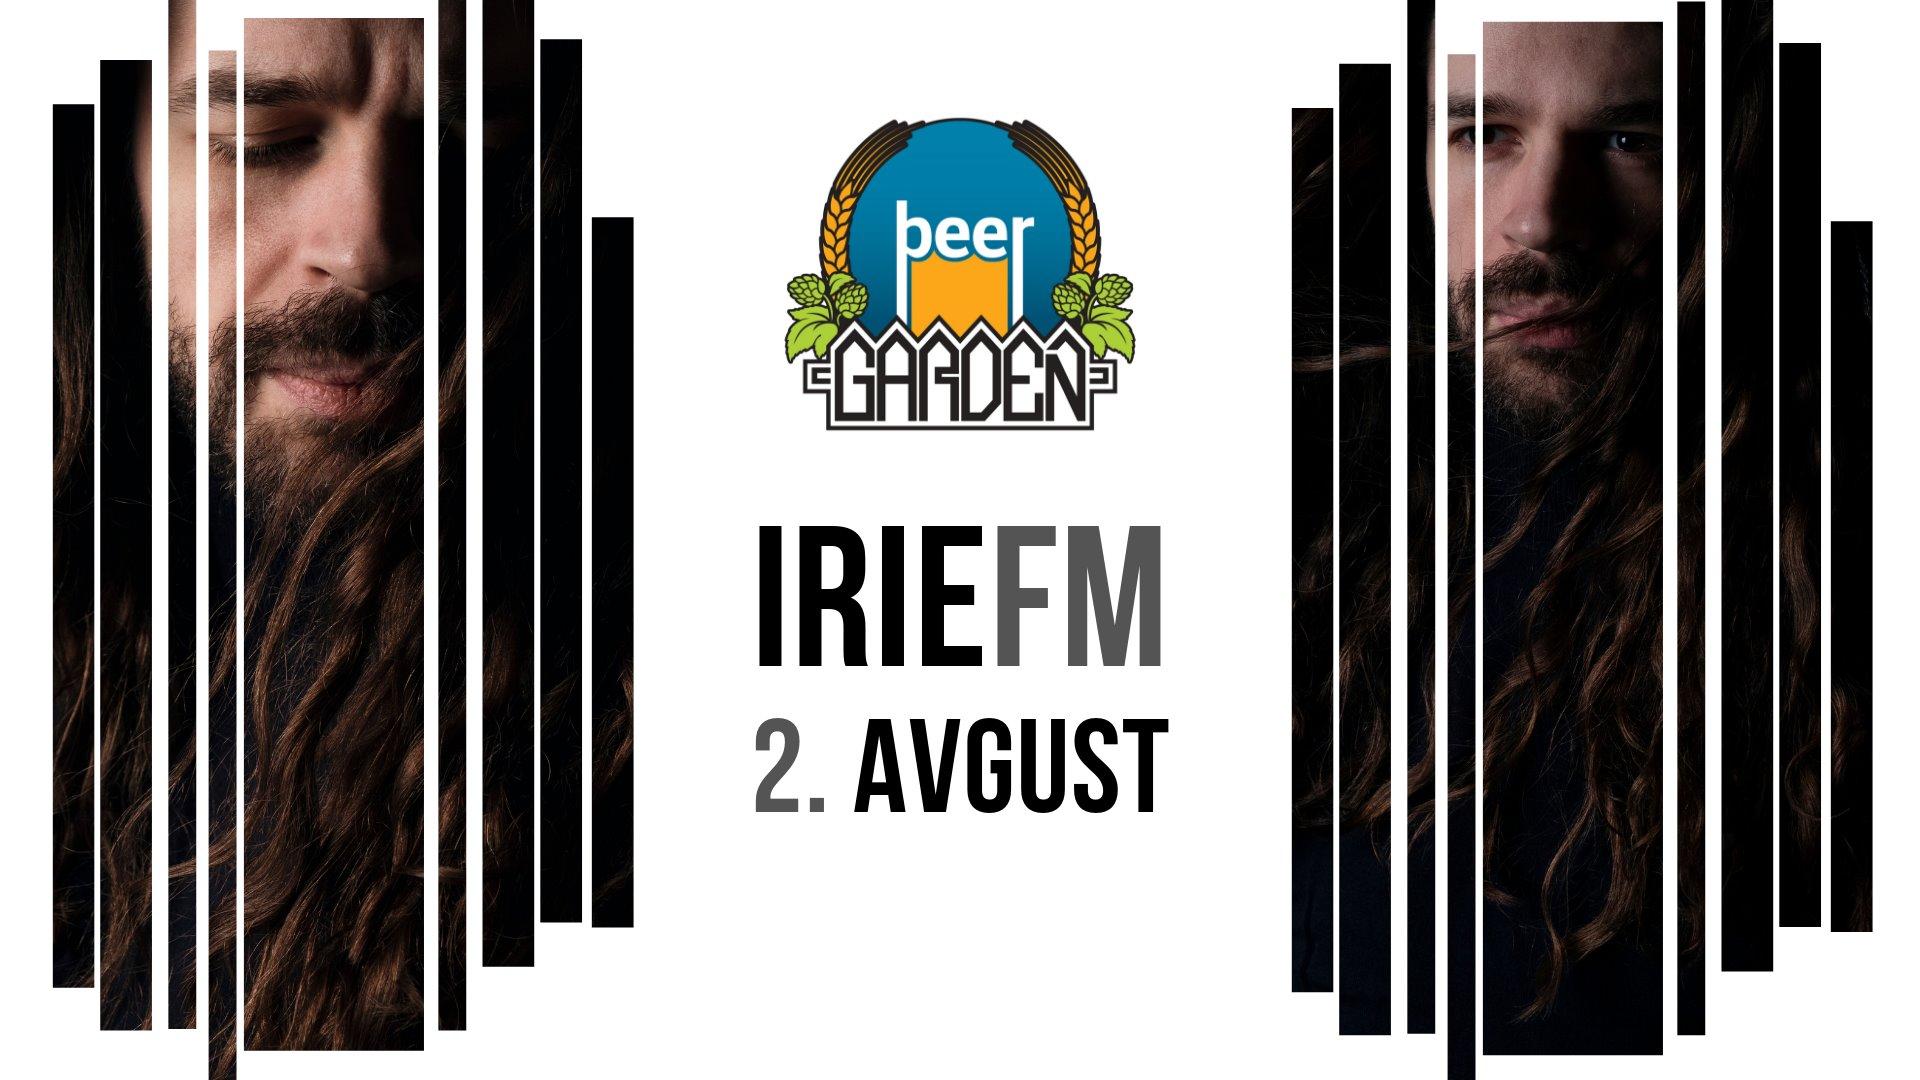 IRIEfm / d r a m 02.08.2019. Beer Garden